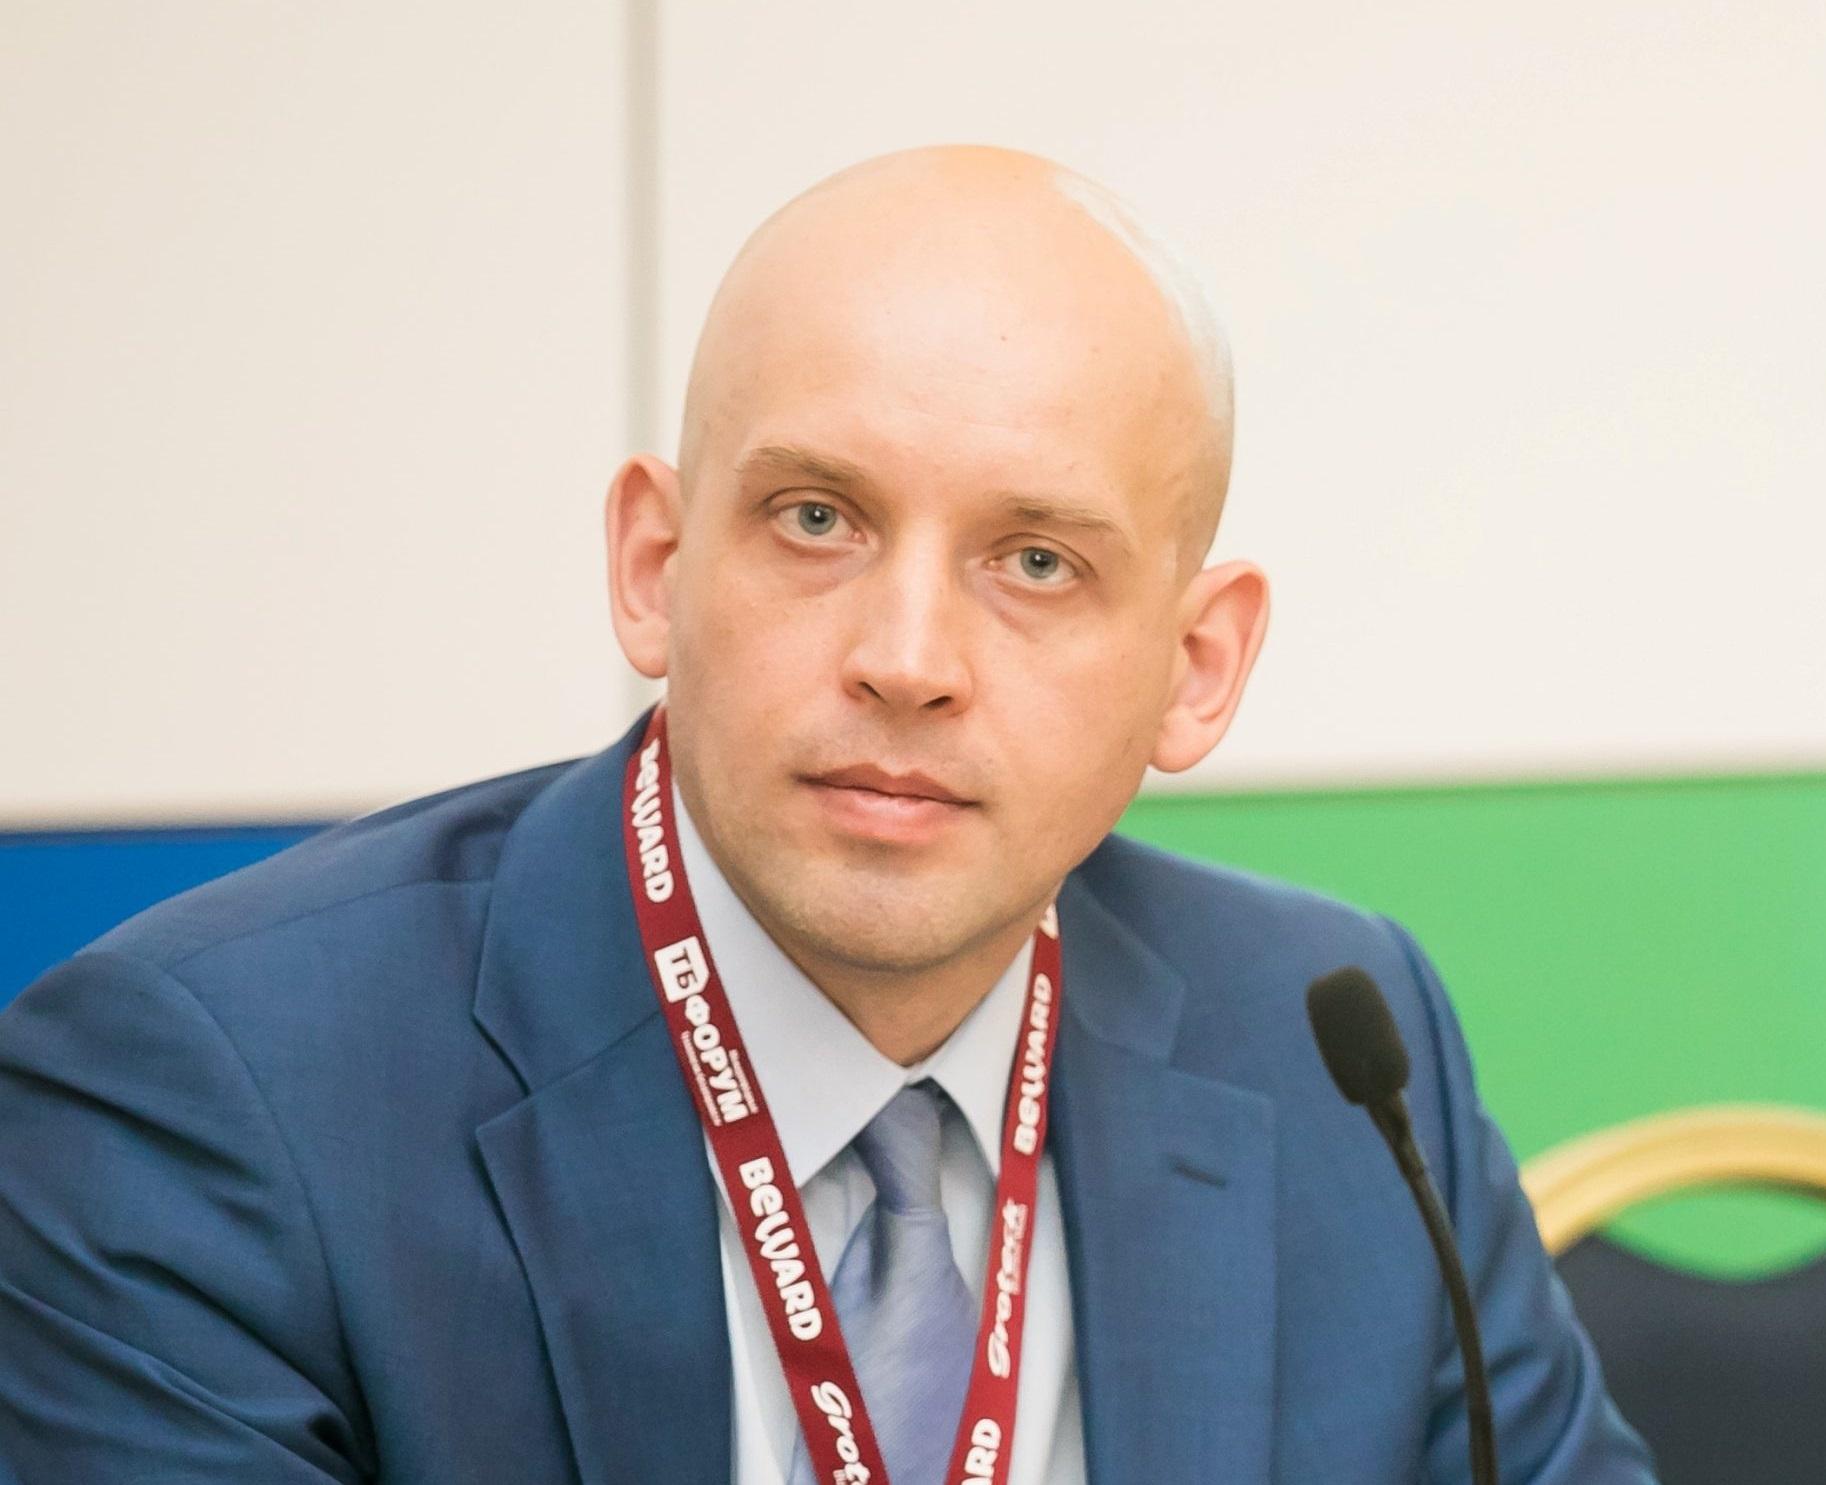 Константин Сергеев: Необходимо постоянное профессиональное развитие в сфере безопасности, даже сформированный багаж знаний необходимо регулярно обновлять